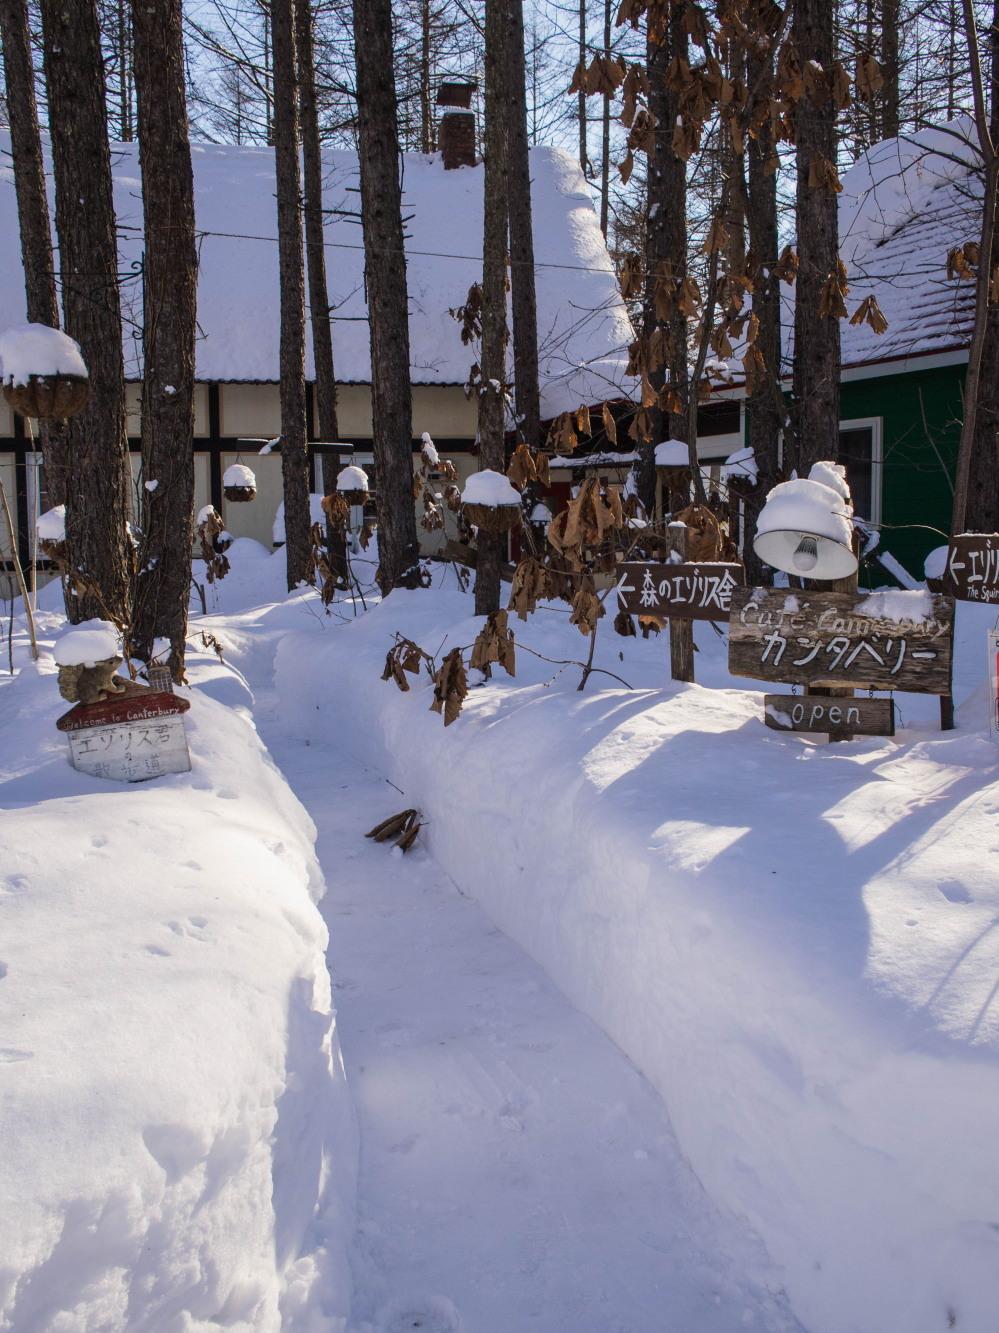 中札内村の冬らしい朝にエゾリス君~ブログが1000回目を達成~_f0276498_19341999.jpg